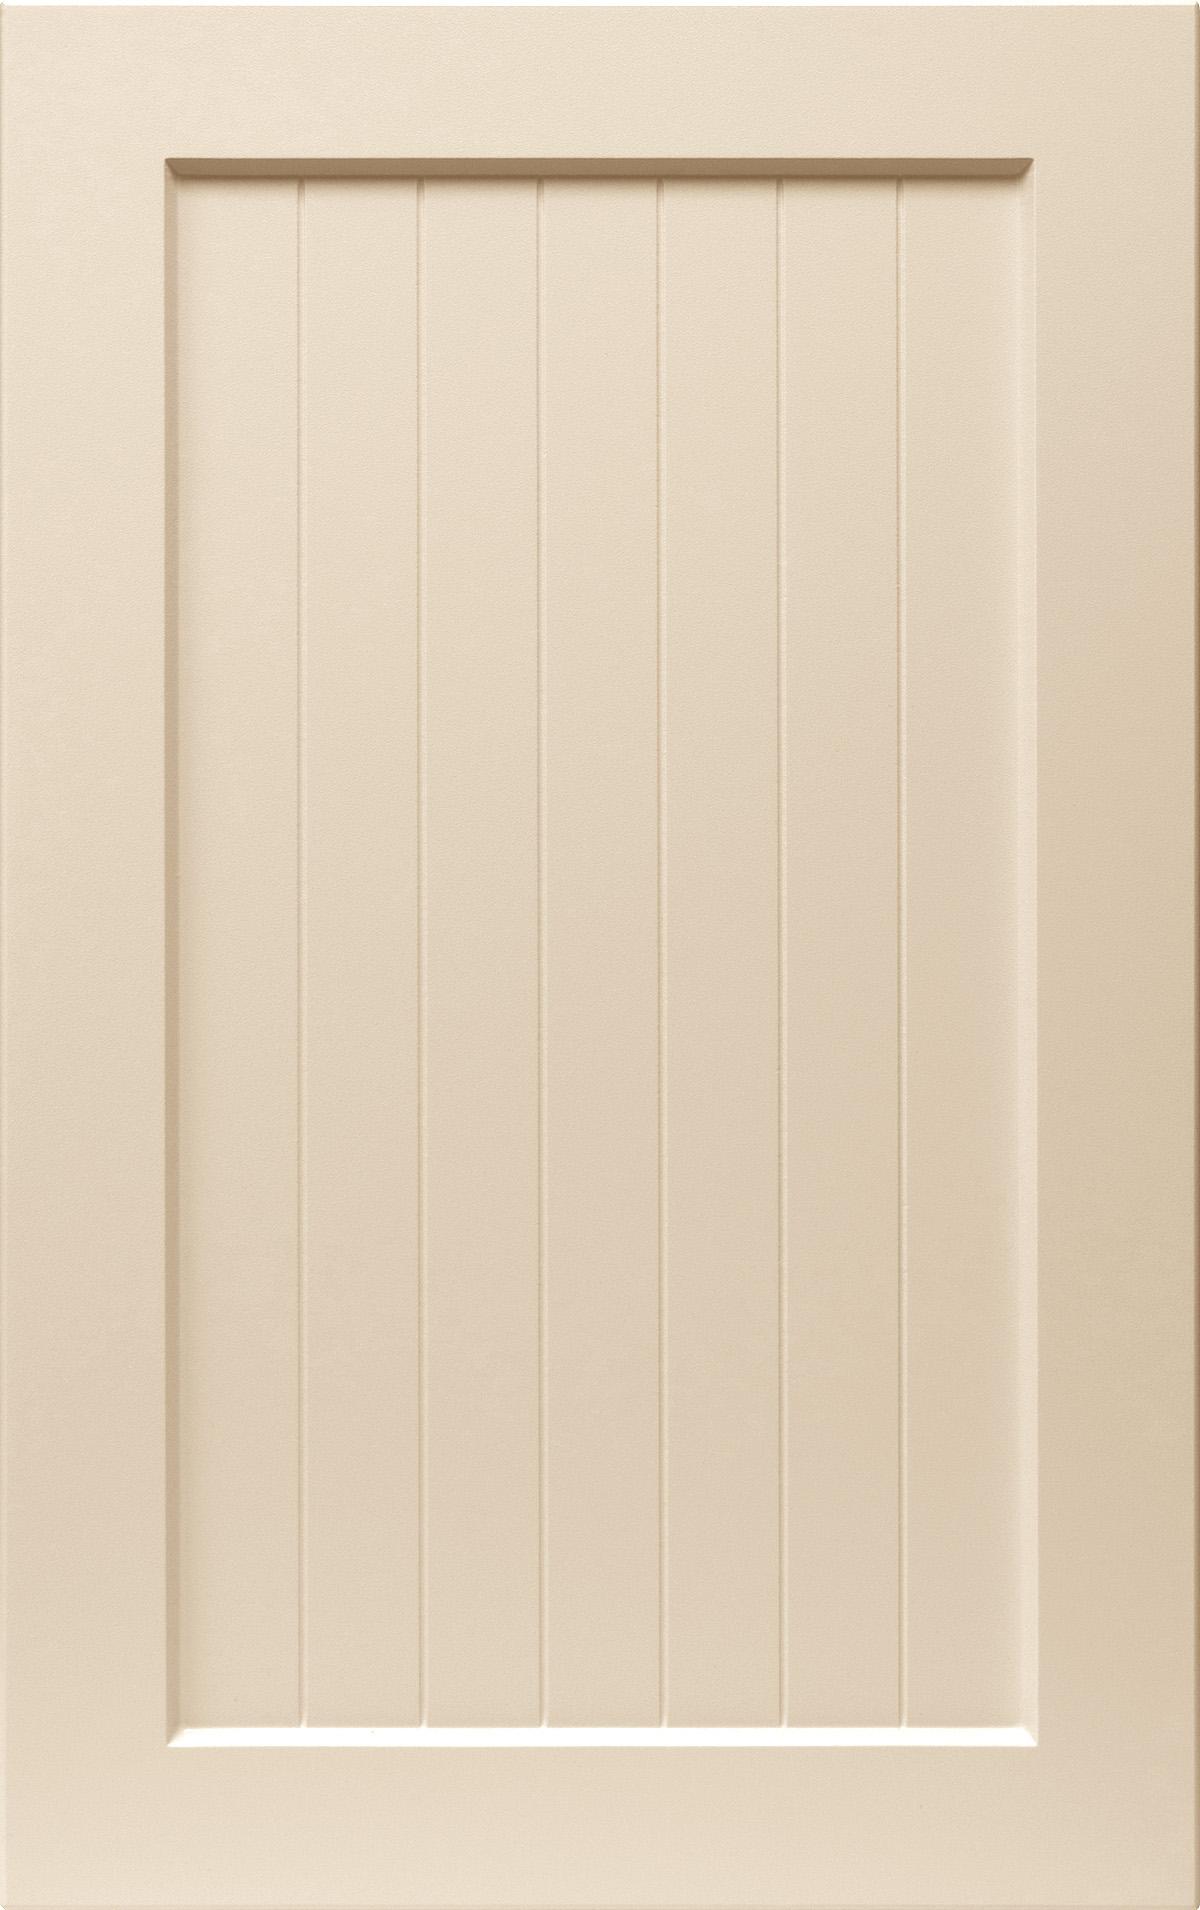 Spectrum-Antique White